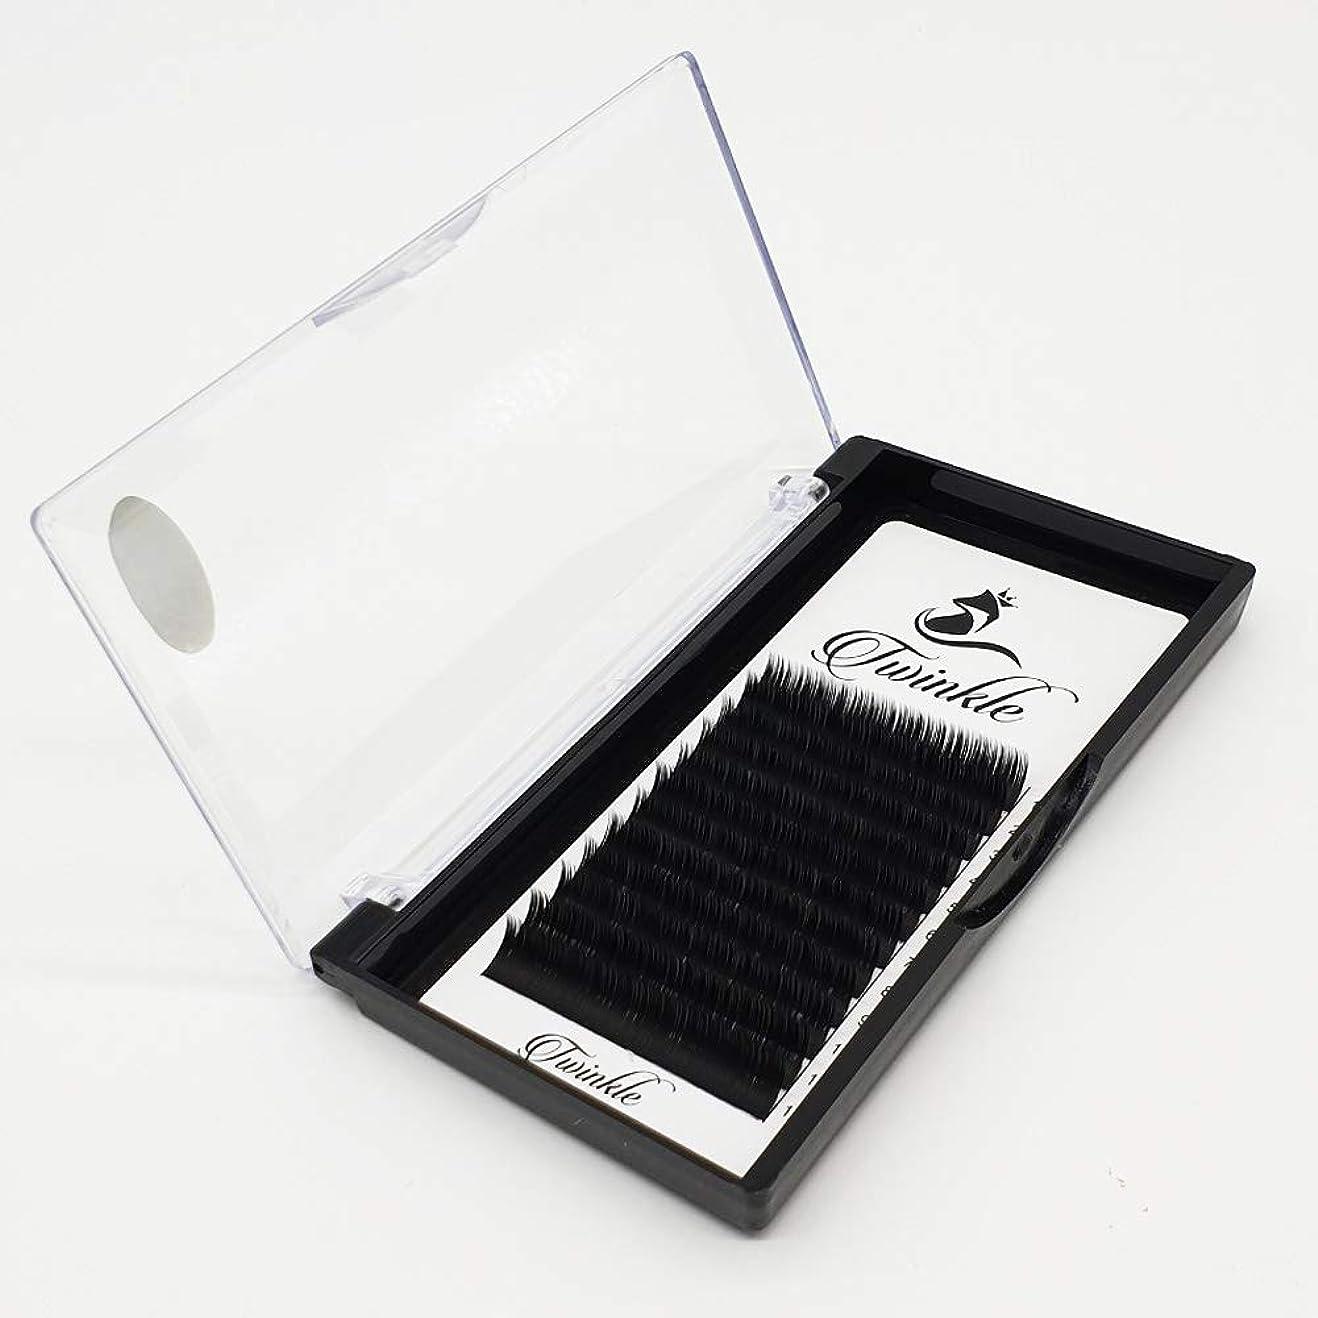 置換グラムこれまでTwinkle Twinedge black まつげエクステ マツエク フラットまつげ Bカール 太さ 0.20mm [海外直送品] (9mm)